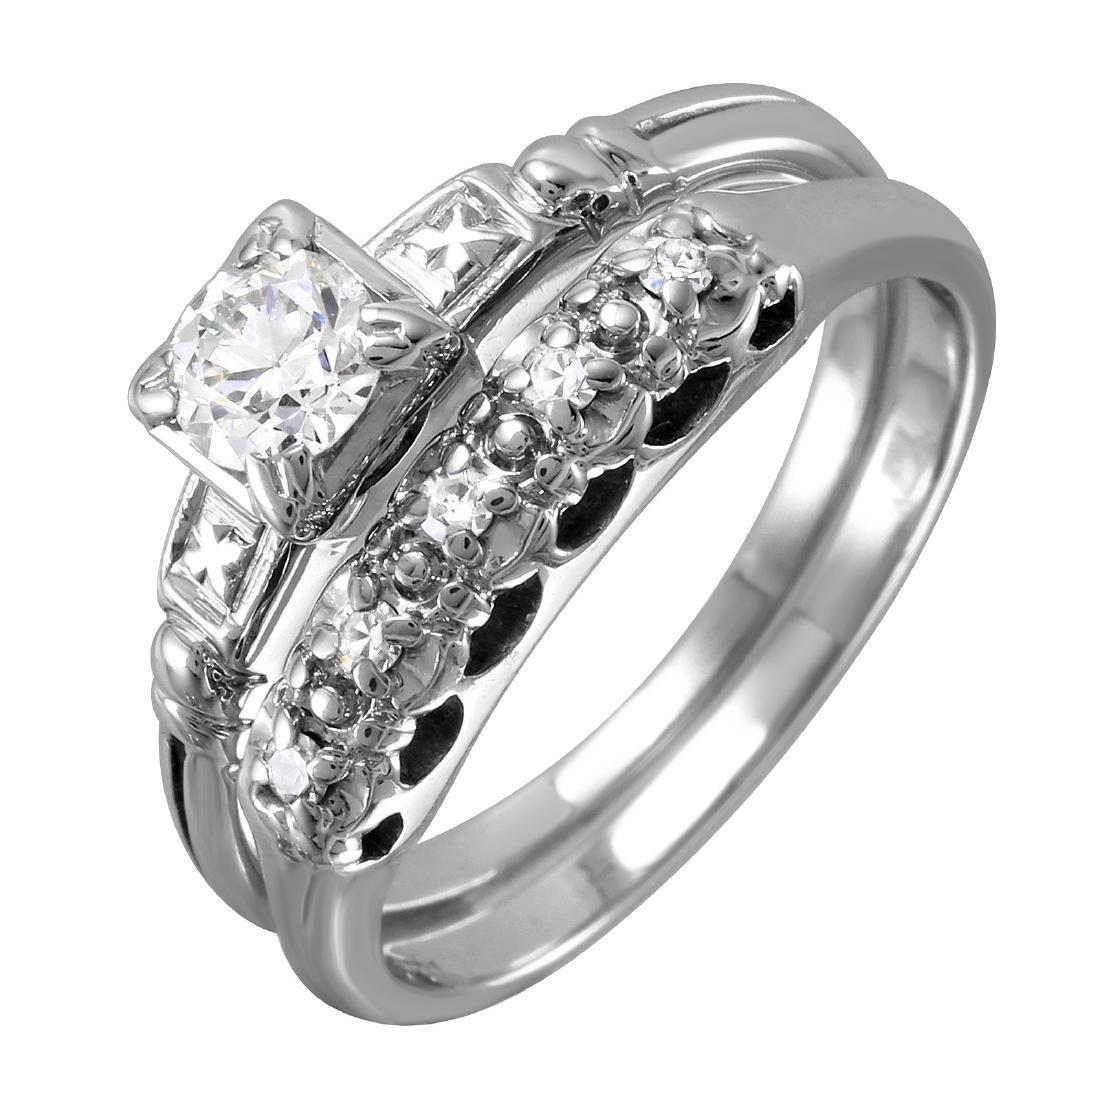 14KT White Gold Diamond Wedding Set